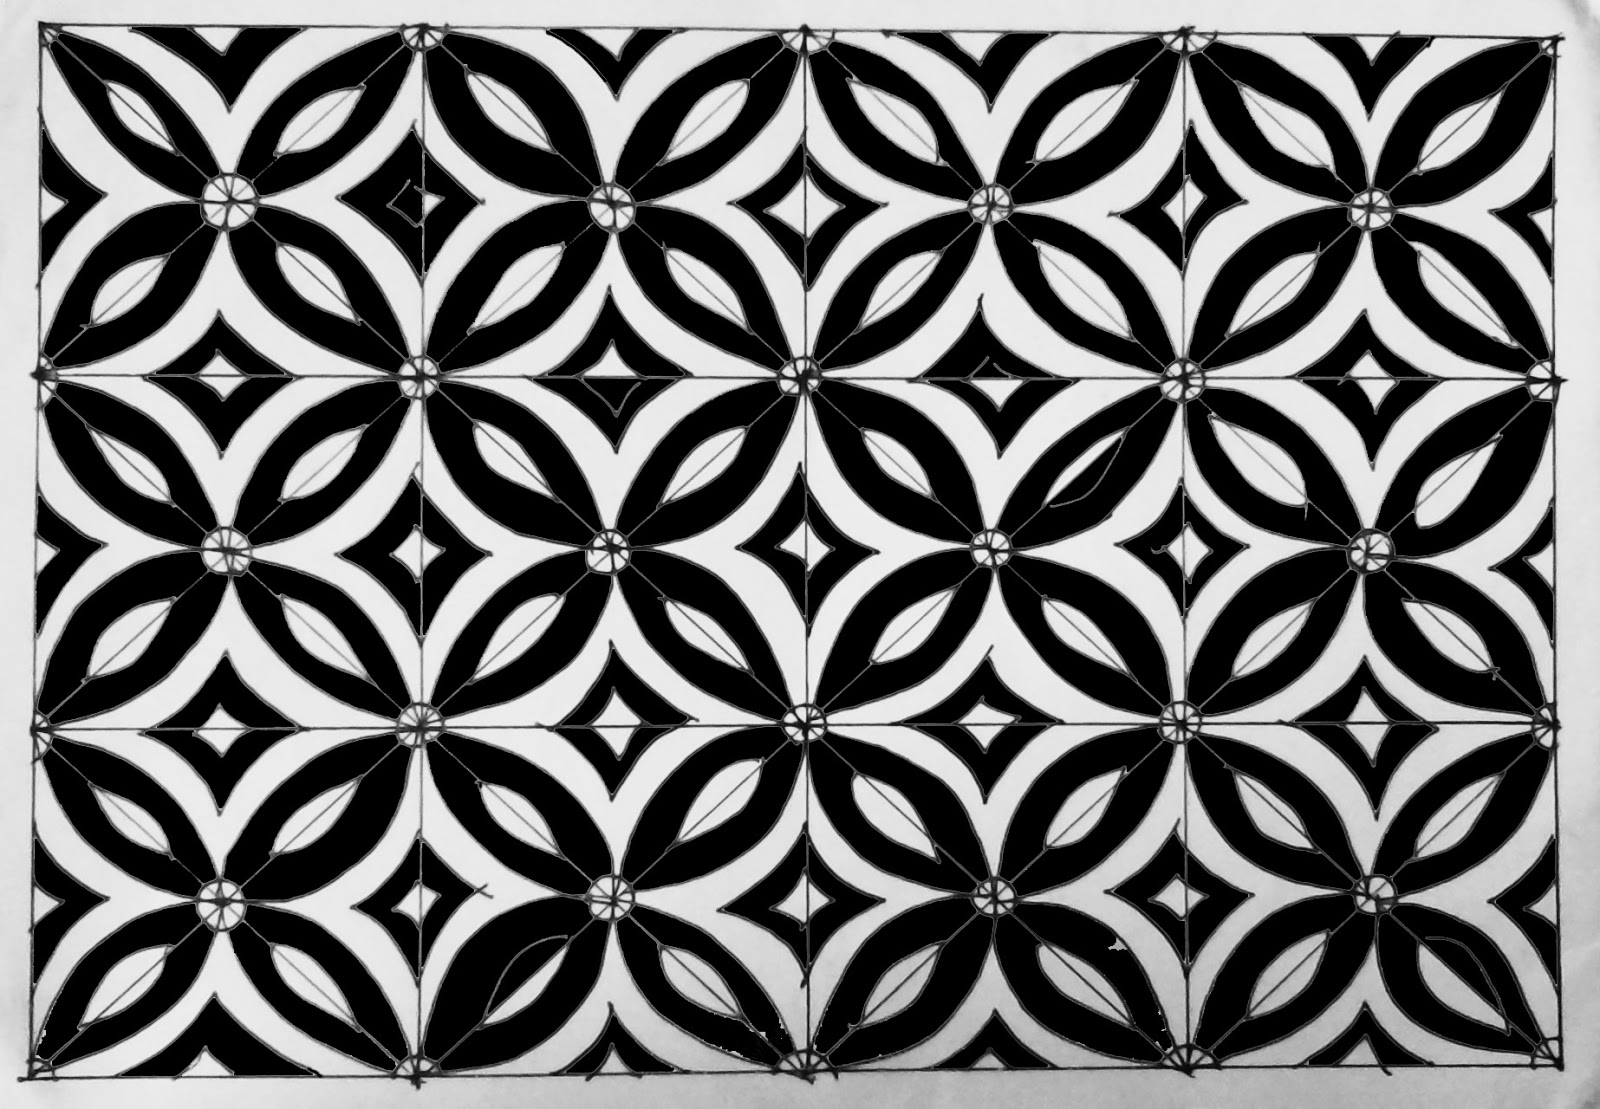 Menggambar Motif Batik Geometris Shona Design